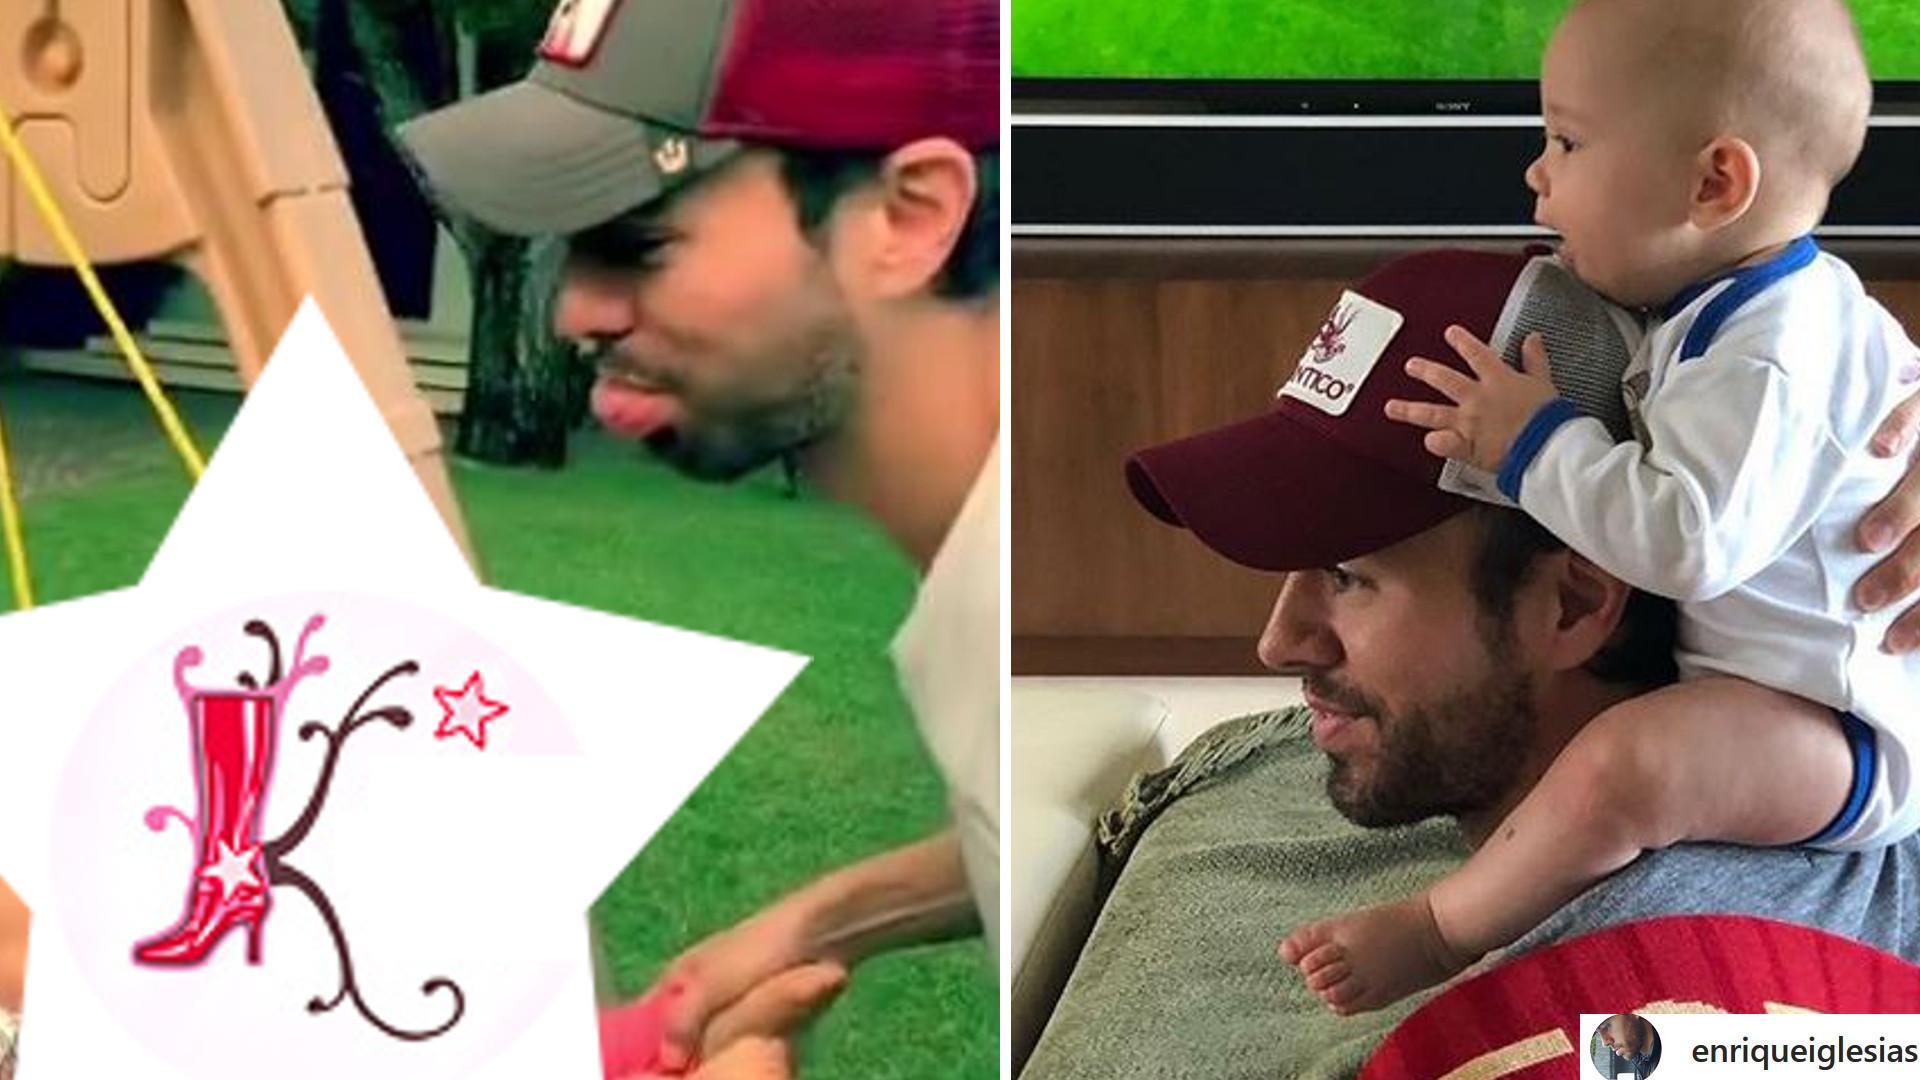 Enrique Iglesias pokazał NOWY filmik z bliźniakami – zobaczcie, jak urosły